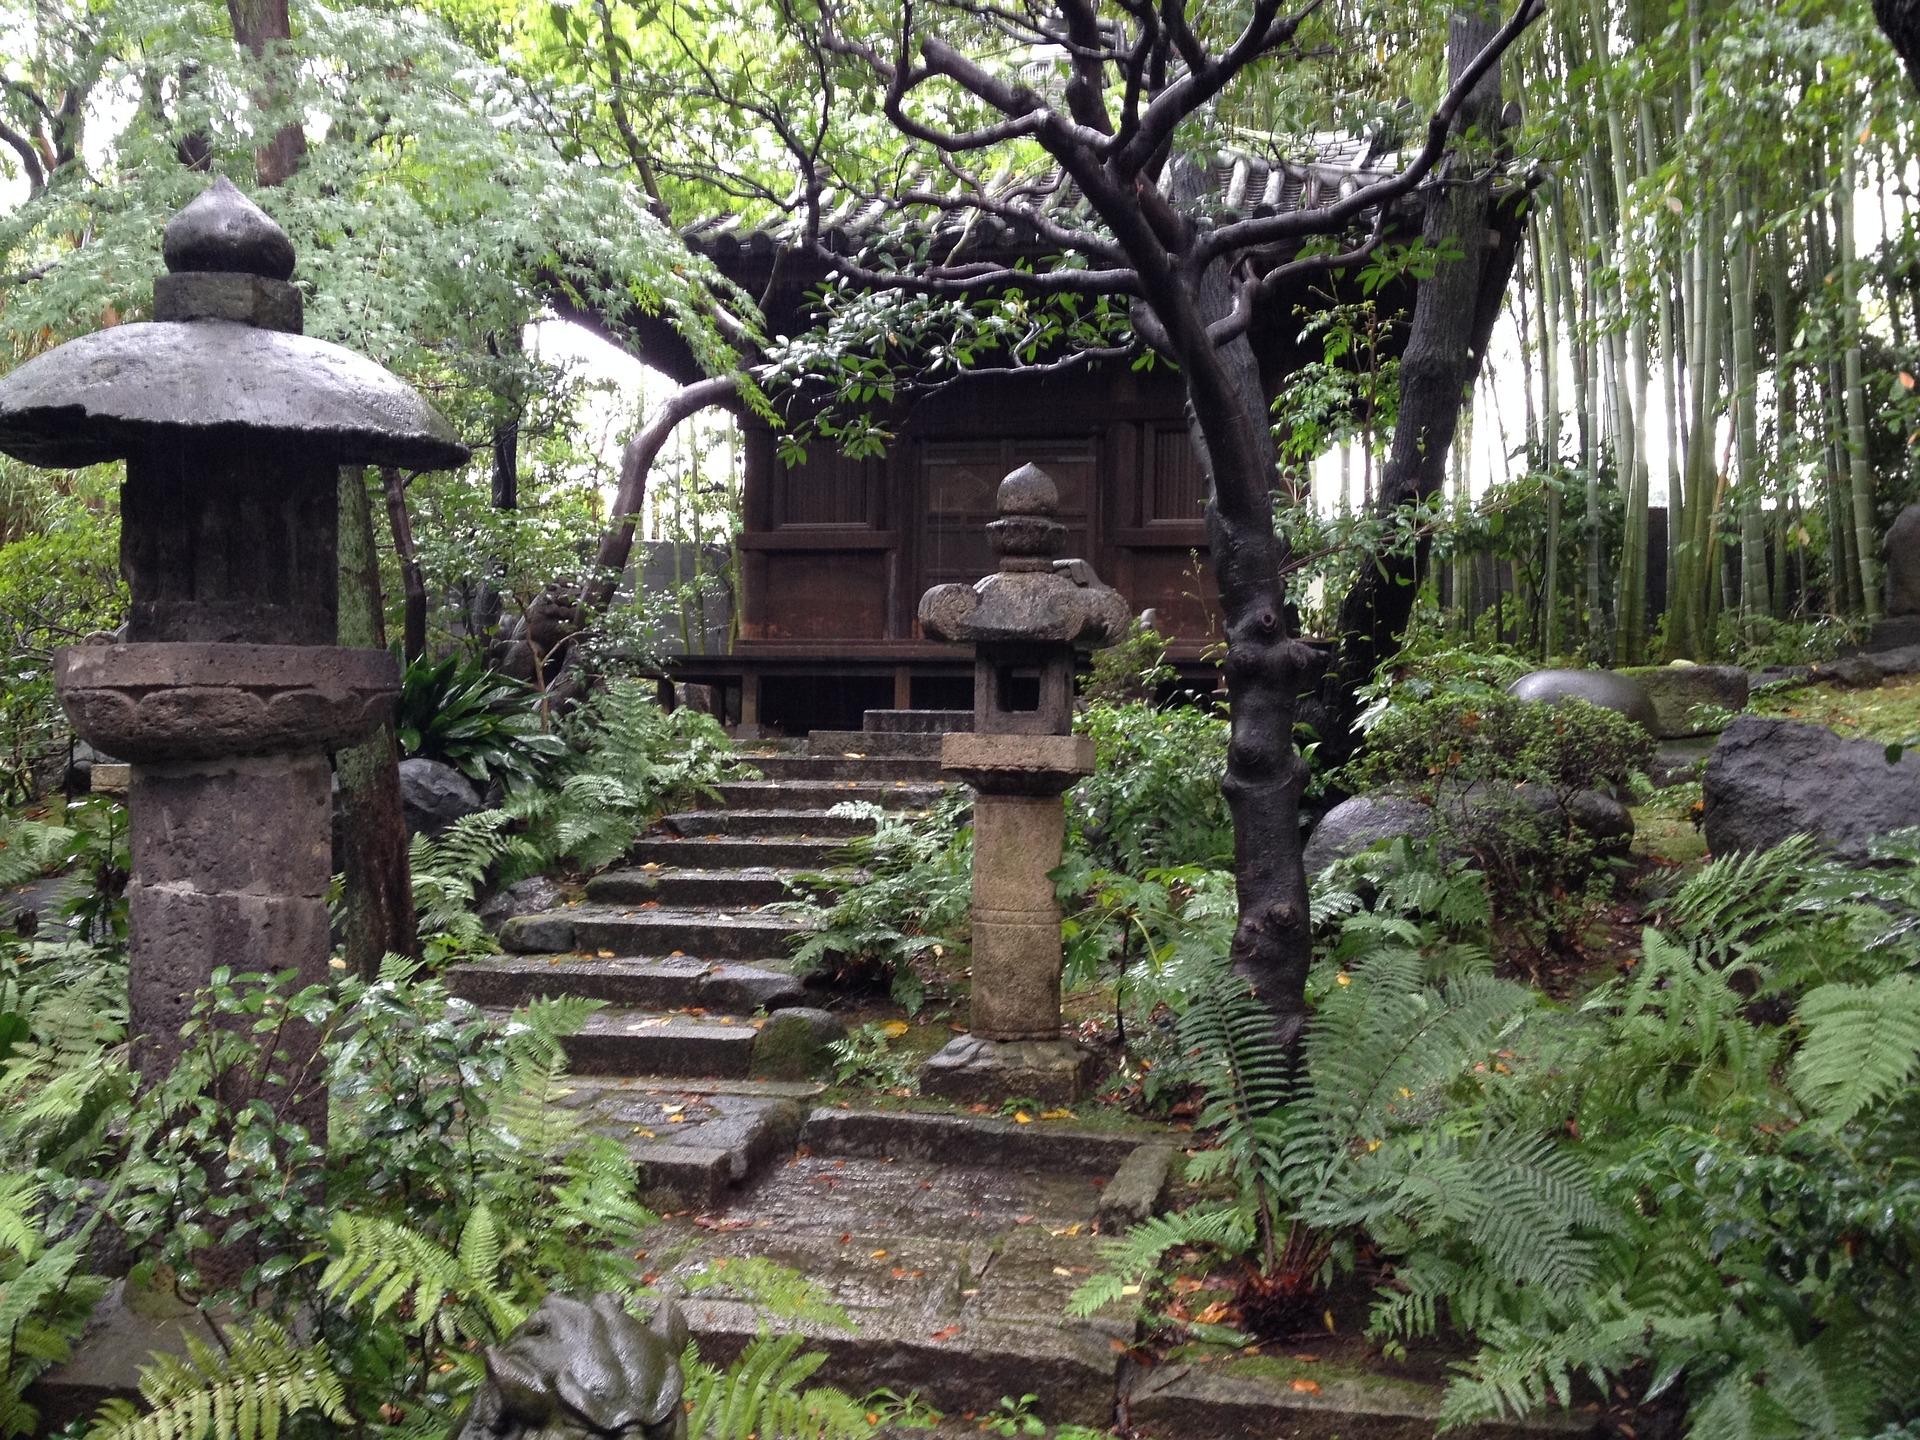 garden-2190151_1920.jpg